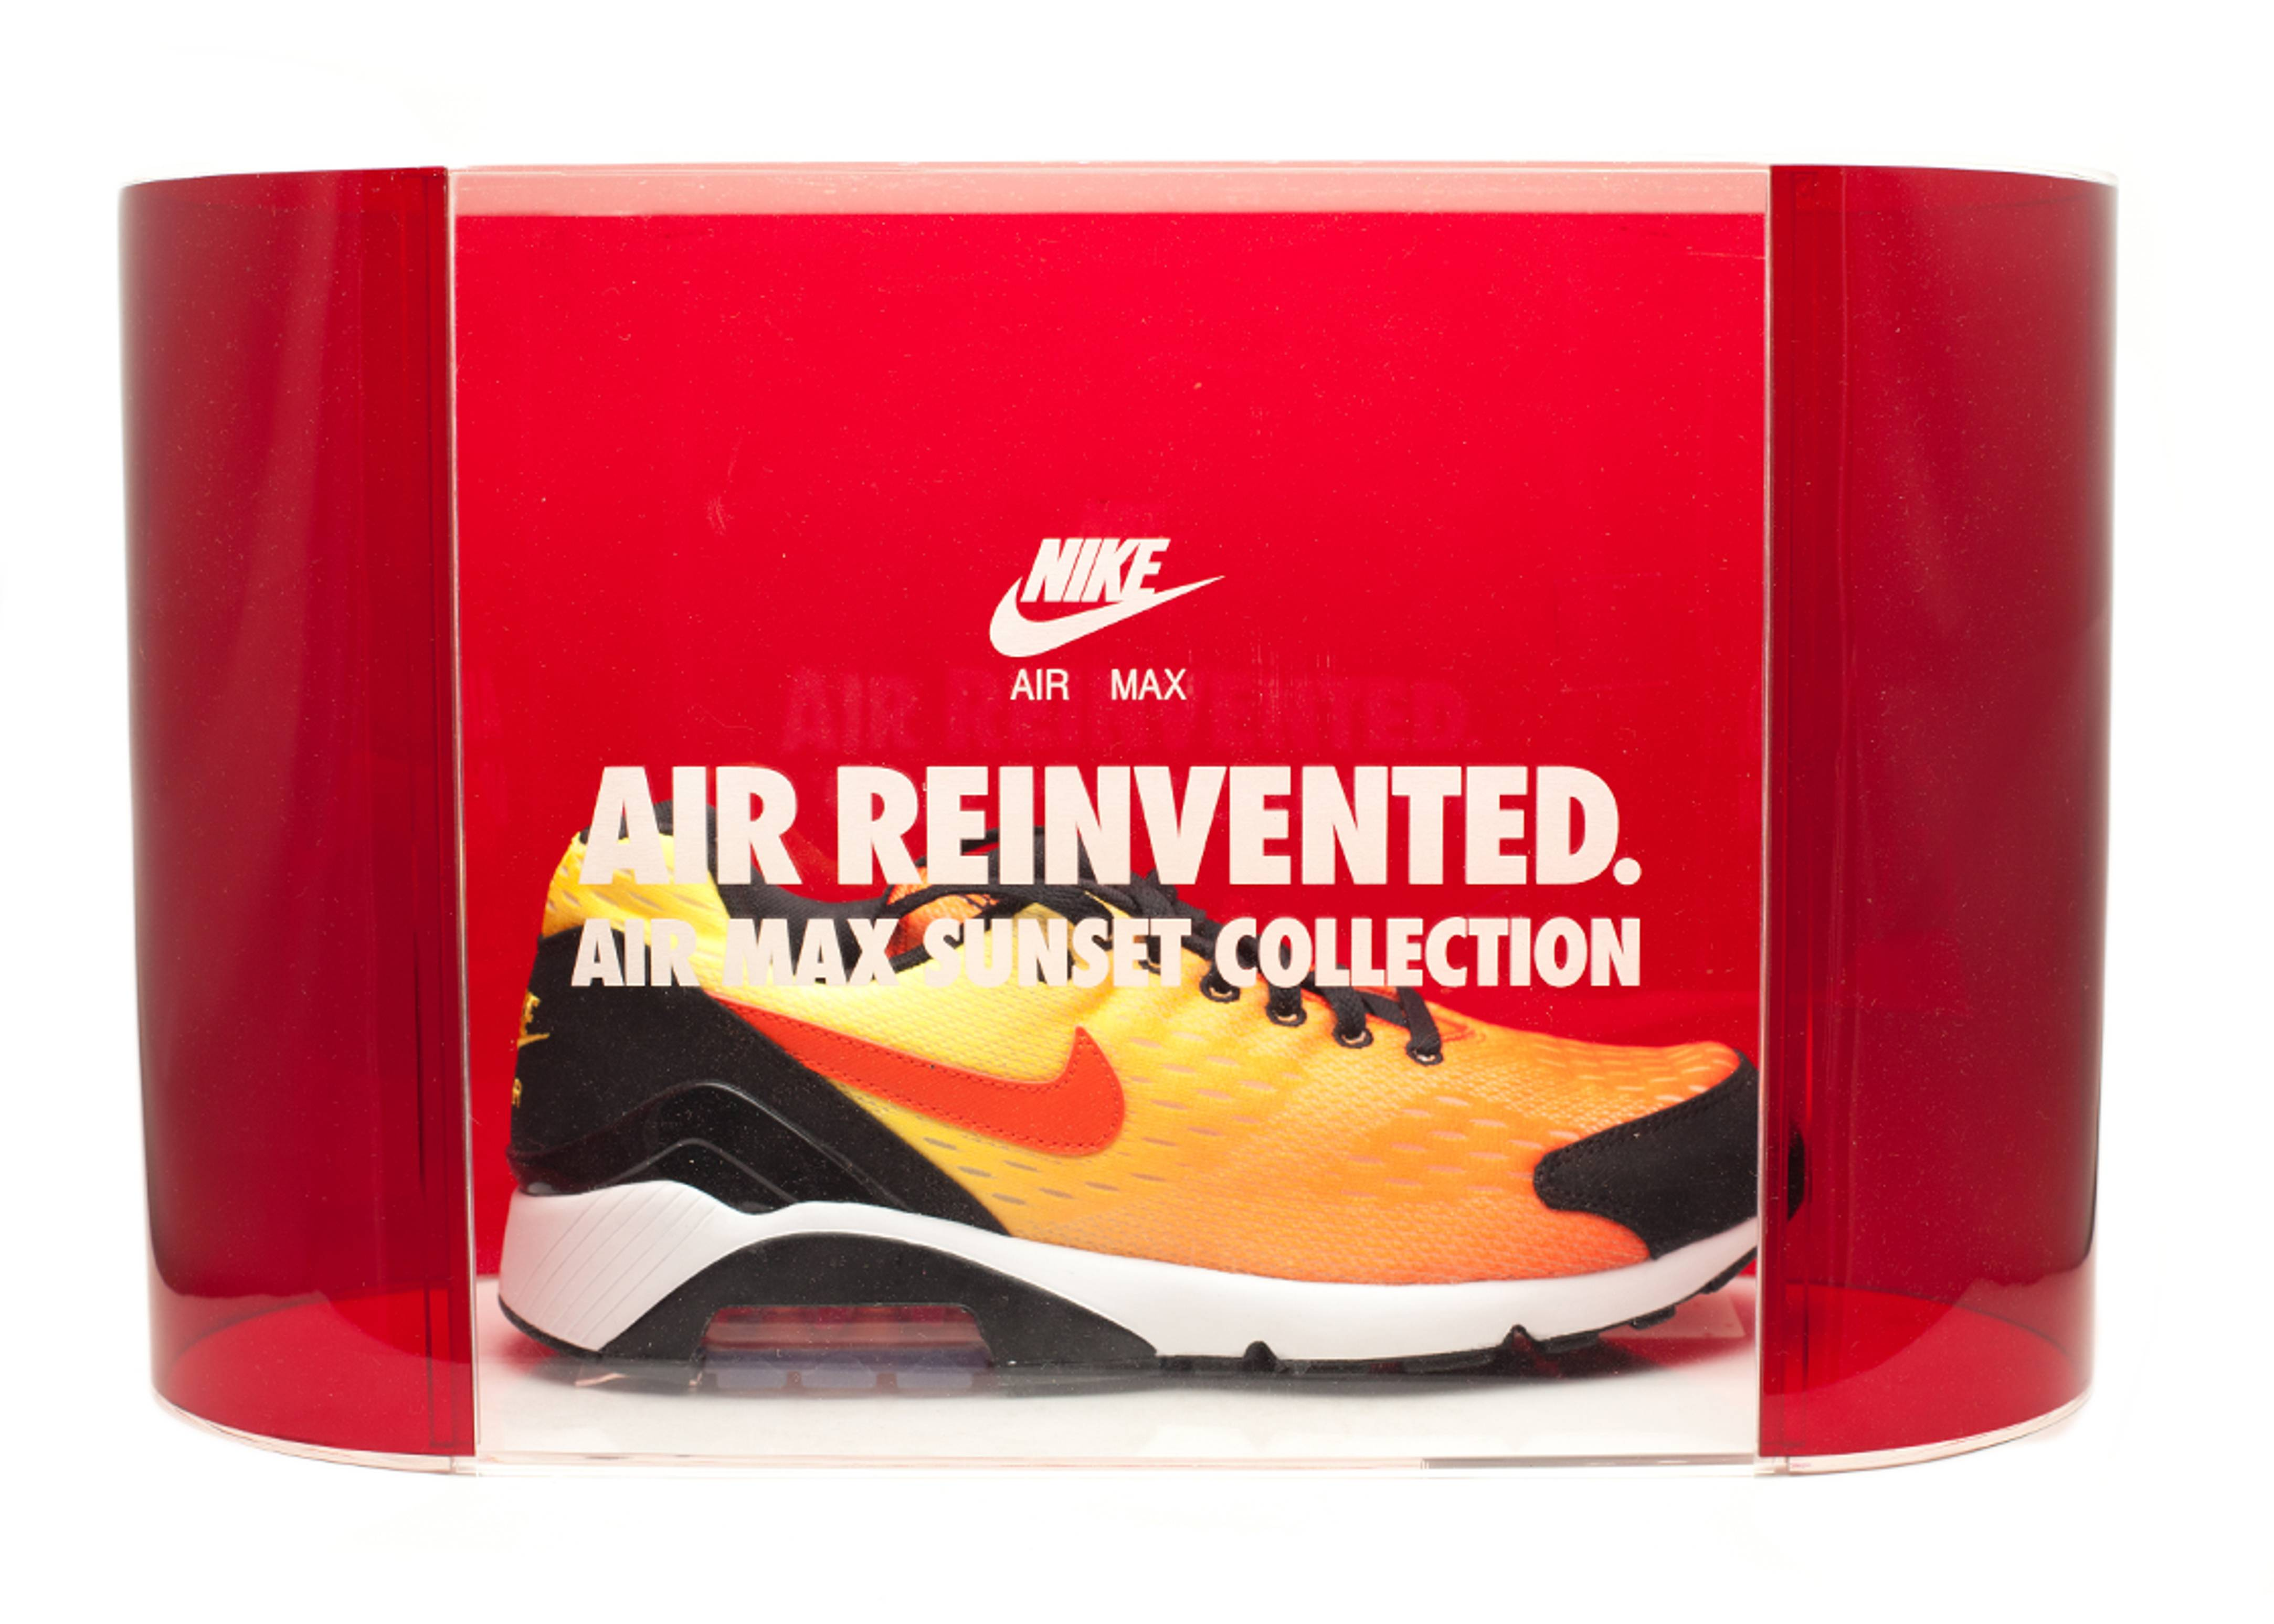 """air max 180 em """"sunset """"air reinvented air max hunt"""""""""""